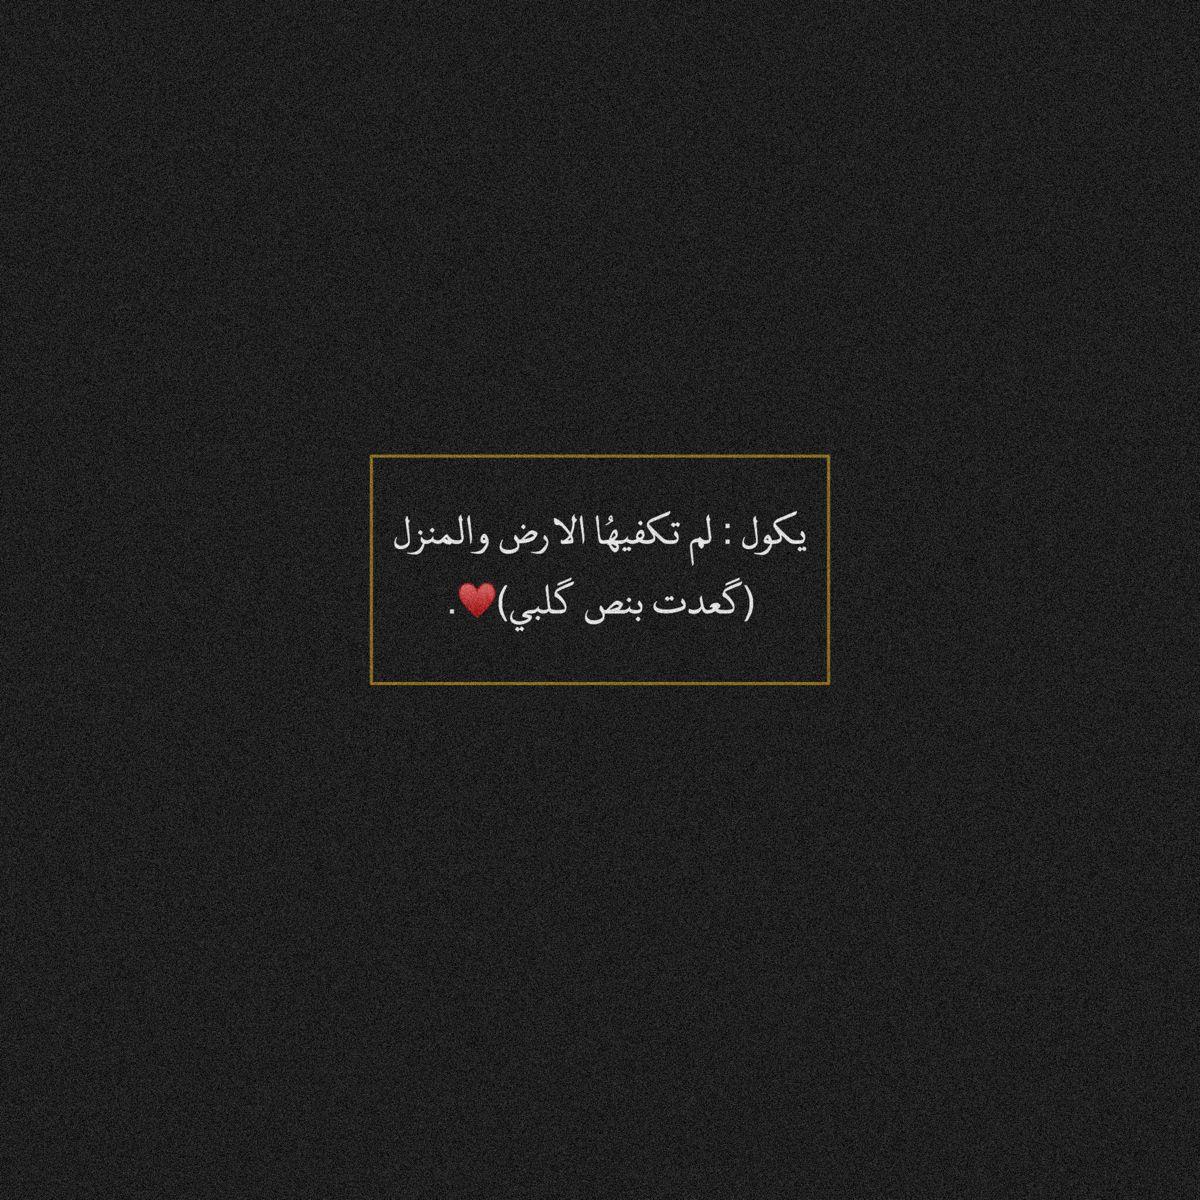 اقتباسات رمزيات كتاب كتابات تصاميم تصميم اغاني عرس حنيت حني Islamic Love Quotes Instagram Icons Love Quotes